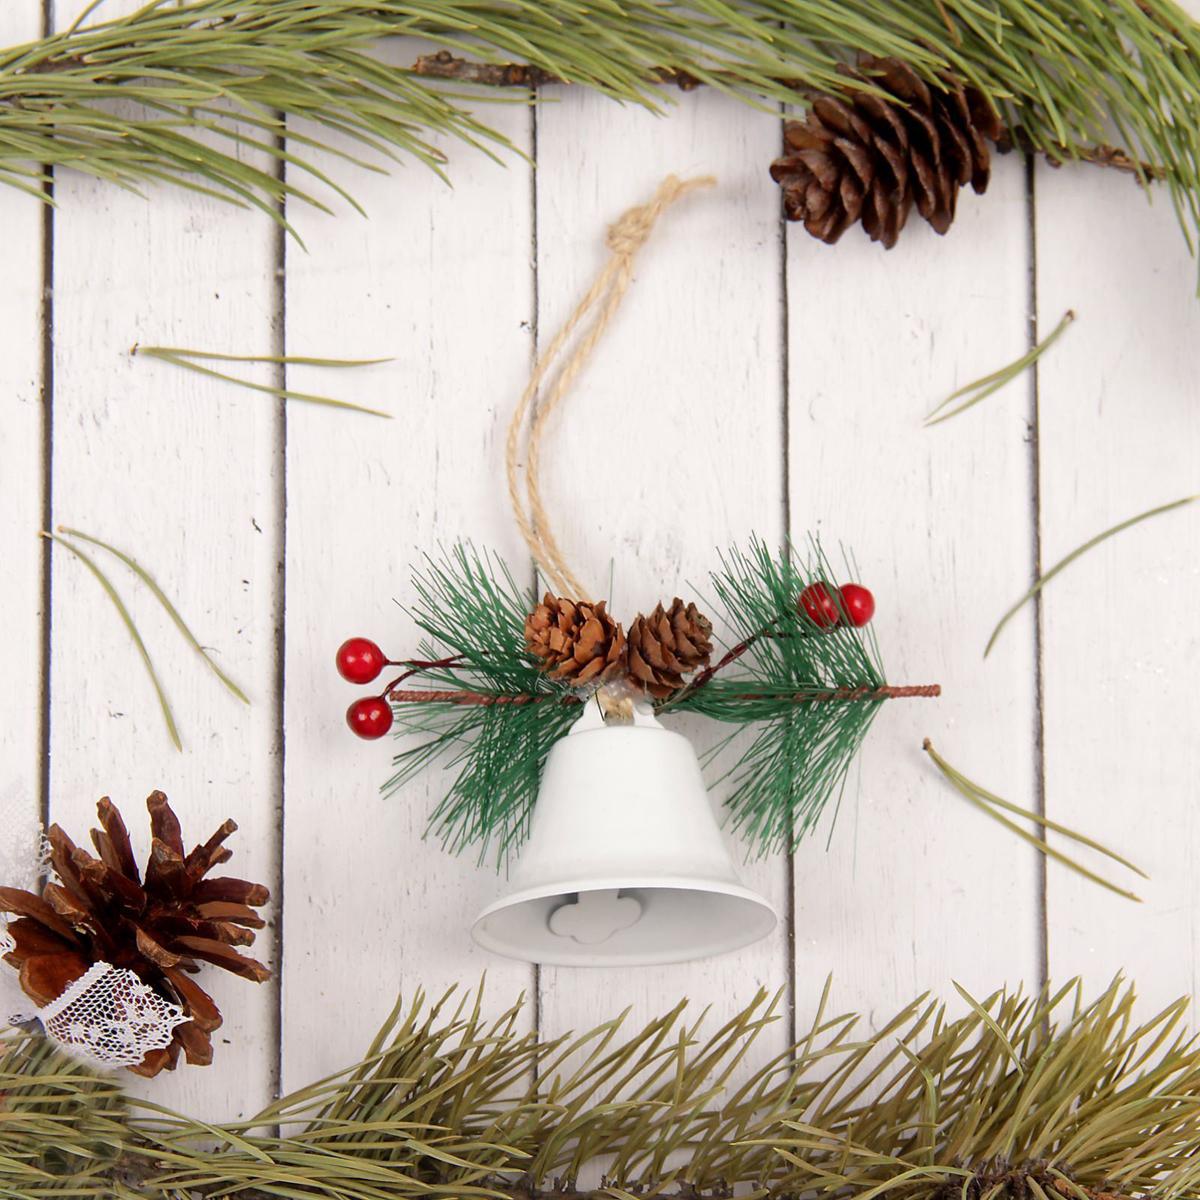 Украшение новогоднее подвесное Sima-land Колокольчик, 7,5 х 9 х 5,5 см2313483Новогодние украшения Sima-land изготовлены из пластика. Изделия имеют плотный корпус, поэтому не разобьются при падении.Невозможно представить нашу жизнь без праздников! Новогодние украшения несут в себе волшебство и красоту праздника. Создайте в своем доме атмосферу тепла, веселья и радости, украшая его всей семьей.